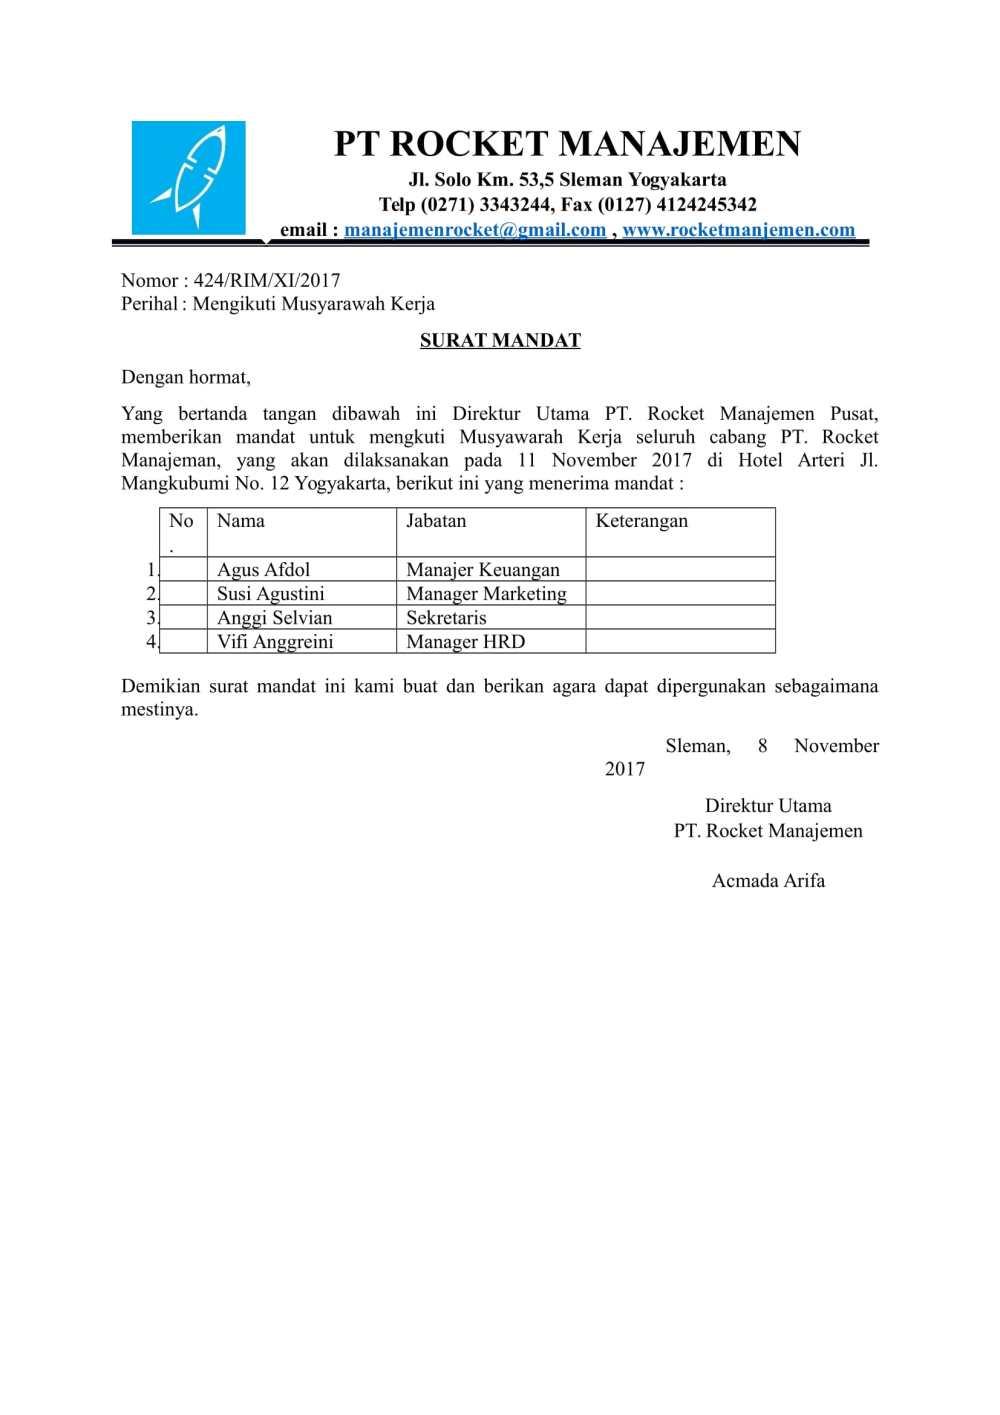 5. Contoh Surat Perintah Tugas Dari Perusahaan